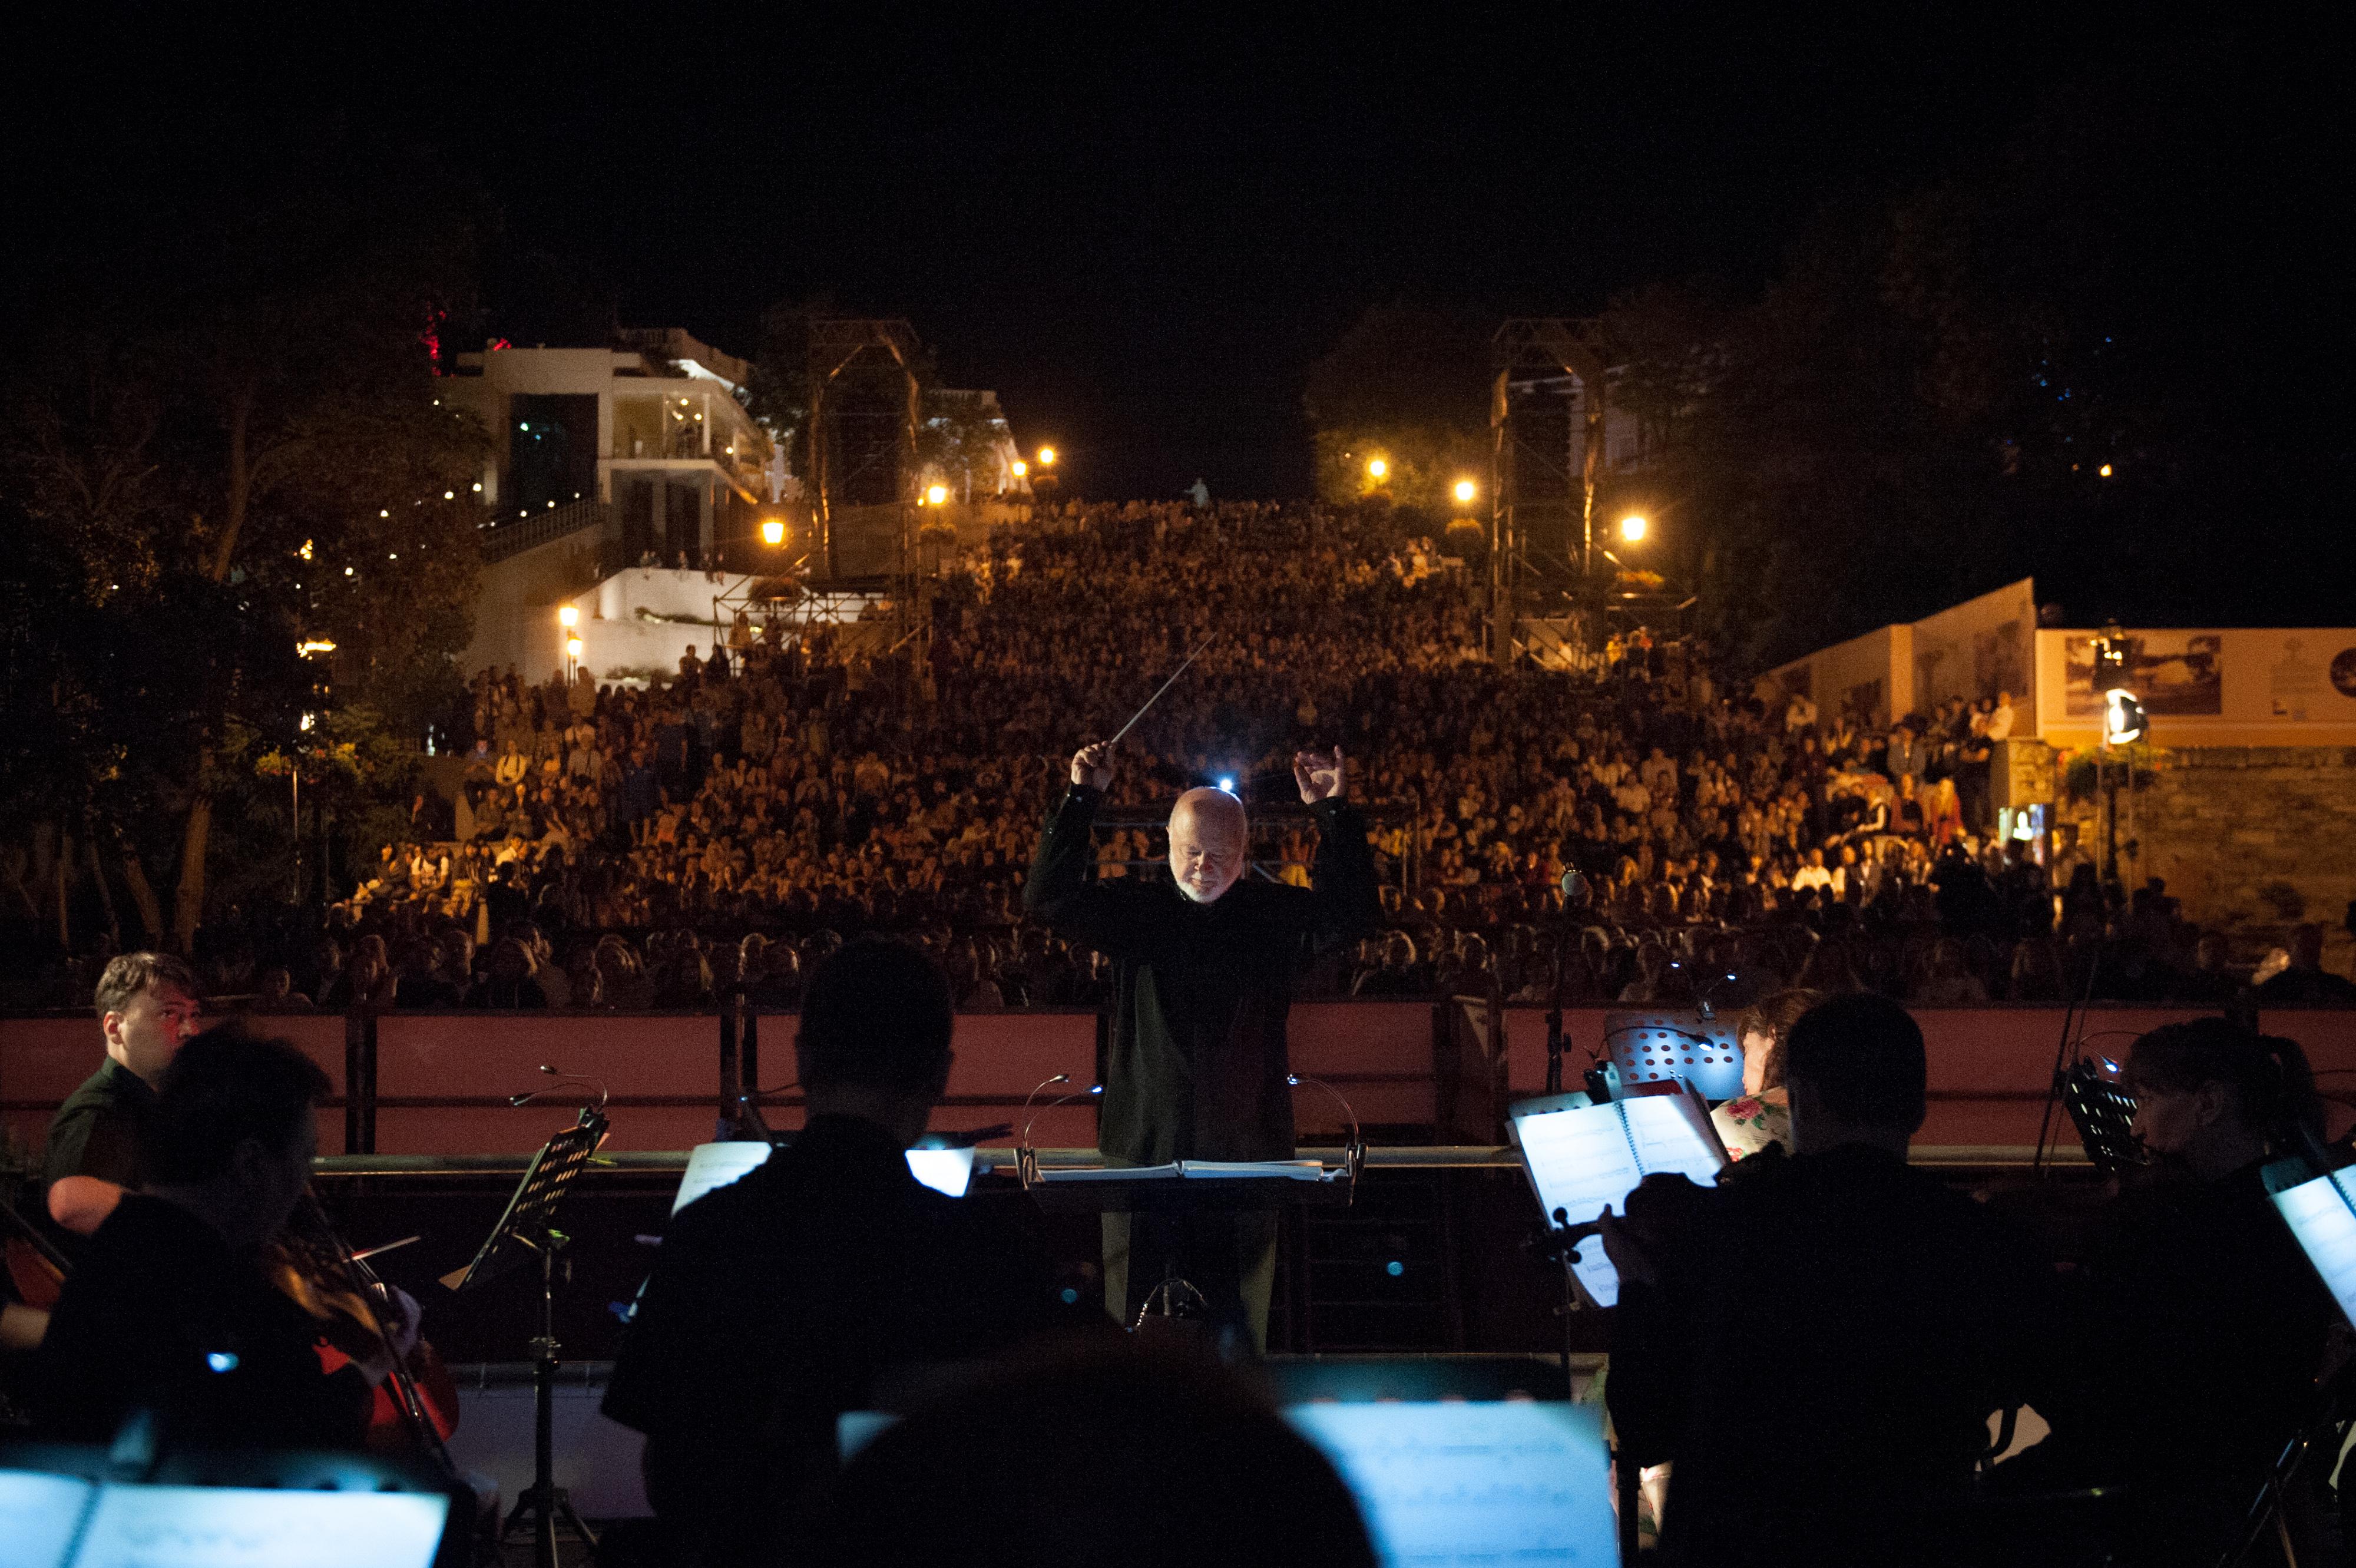 На безплатний кінопоказ на Потьомкінських сходах французького фільму «Дамське щастя» у супроводі симфонічного оркестру та оперної співачки Софі Фурньє прийшли 15 тисяч одеситів і гостей міста. Фото з сайту oiff.com.ua